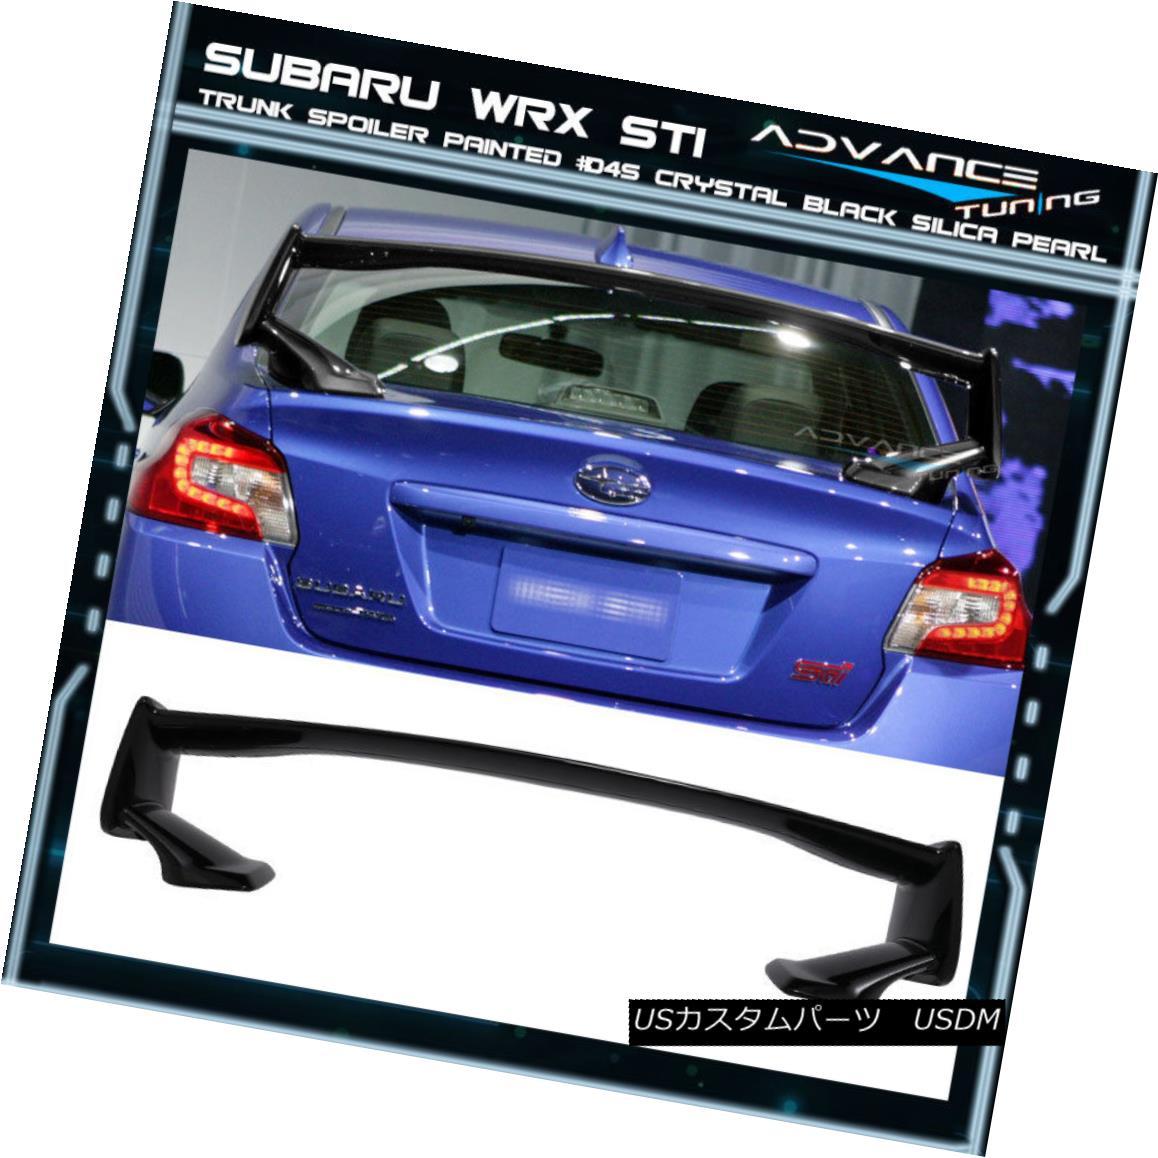 エアロパーツ Fits 15-18 Subaru WRX STI Trunk Spoiler Painted #D4S Crystal Black Silica Pearl フィット15-18スバルWRX STIトランク・スポイラー#D4Sクリスタル・ブラック・シリカ・パール